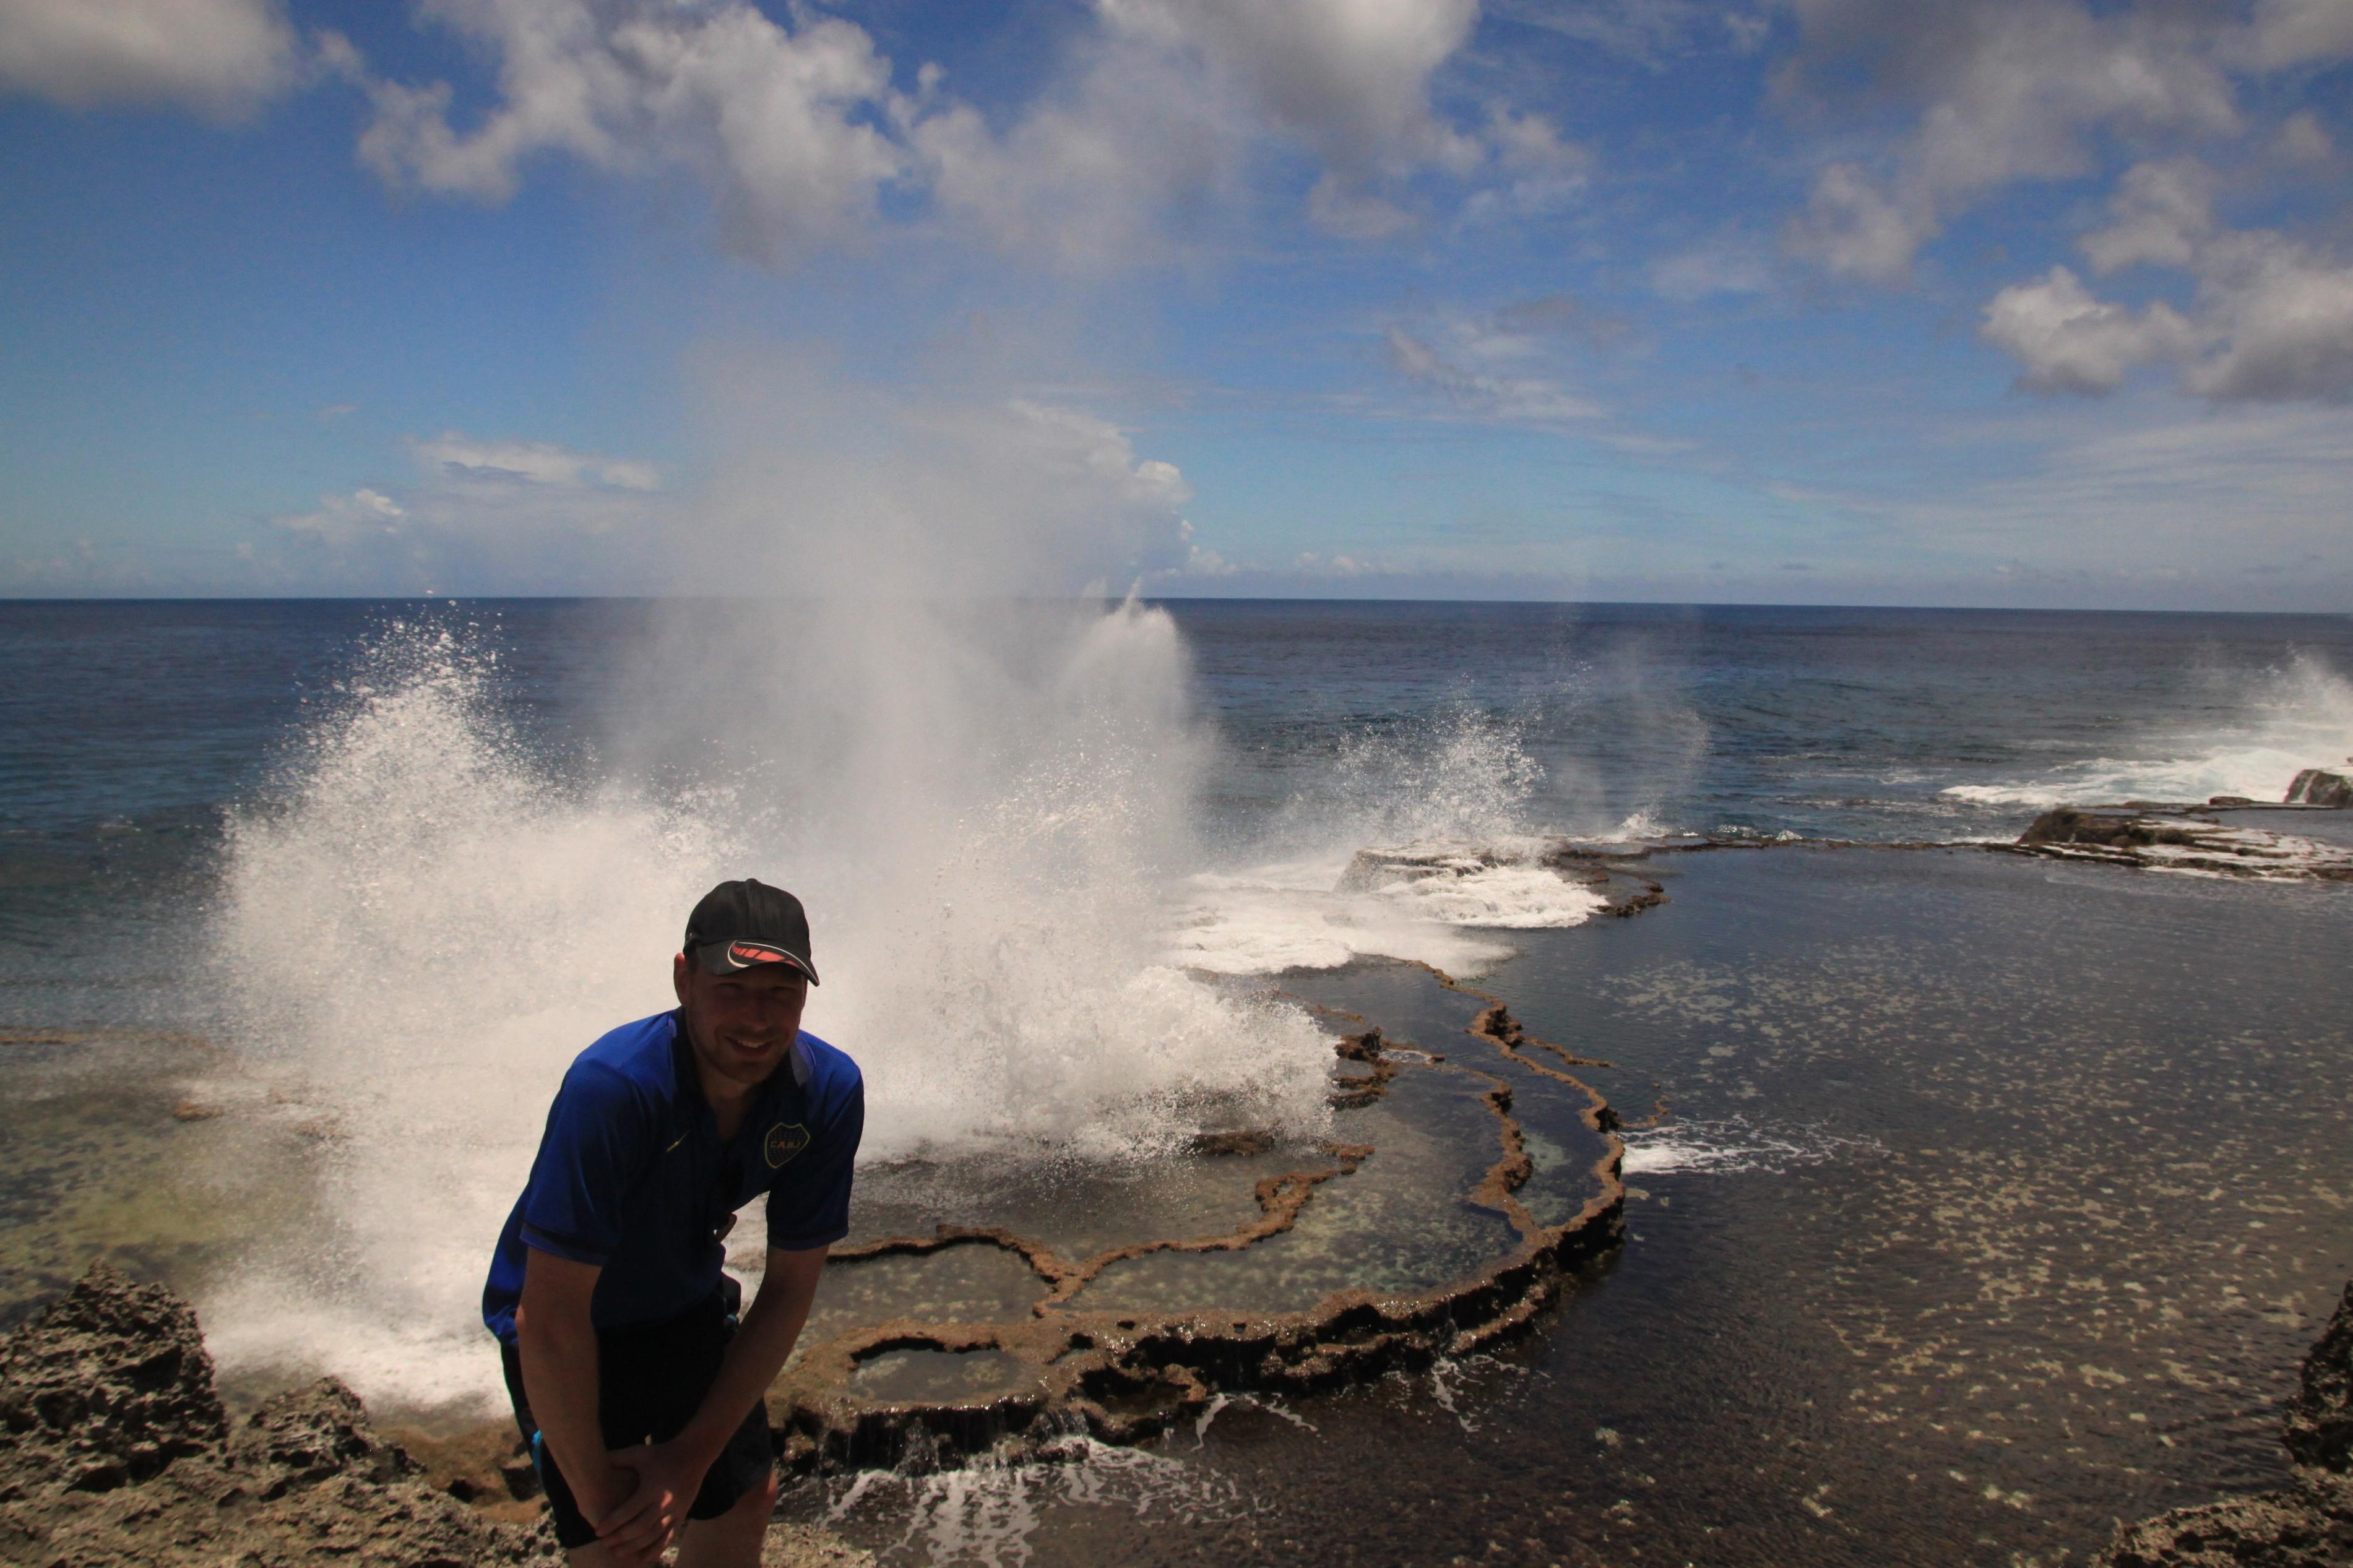 Mapu'a 'a Vaea Blowholes. Nem tudom mi a 'blowhole' magyar megfelelője, de a természeti tünemény lényege az, hogy rengeteg járat van a tengerparti sziklákban, melyekből egy-egy hullám után úgy lövell ki a víz, mint a bálna hátán lévő orrnyílásból.